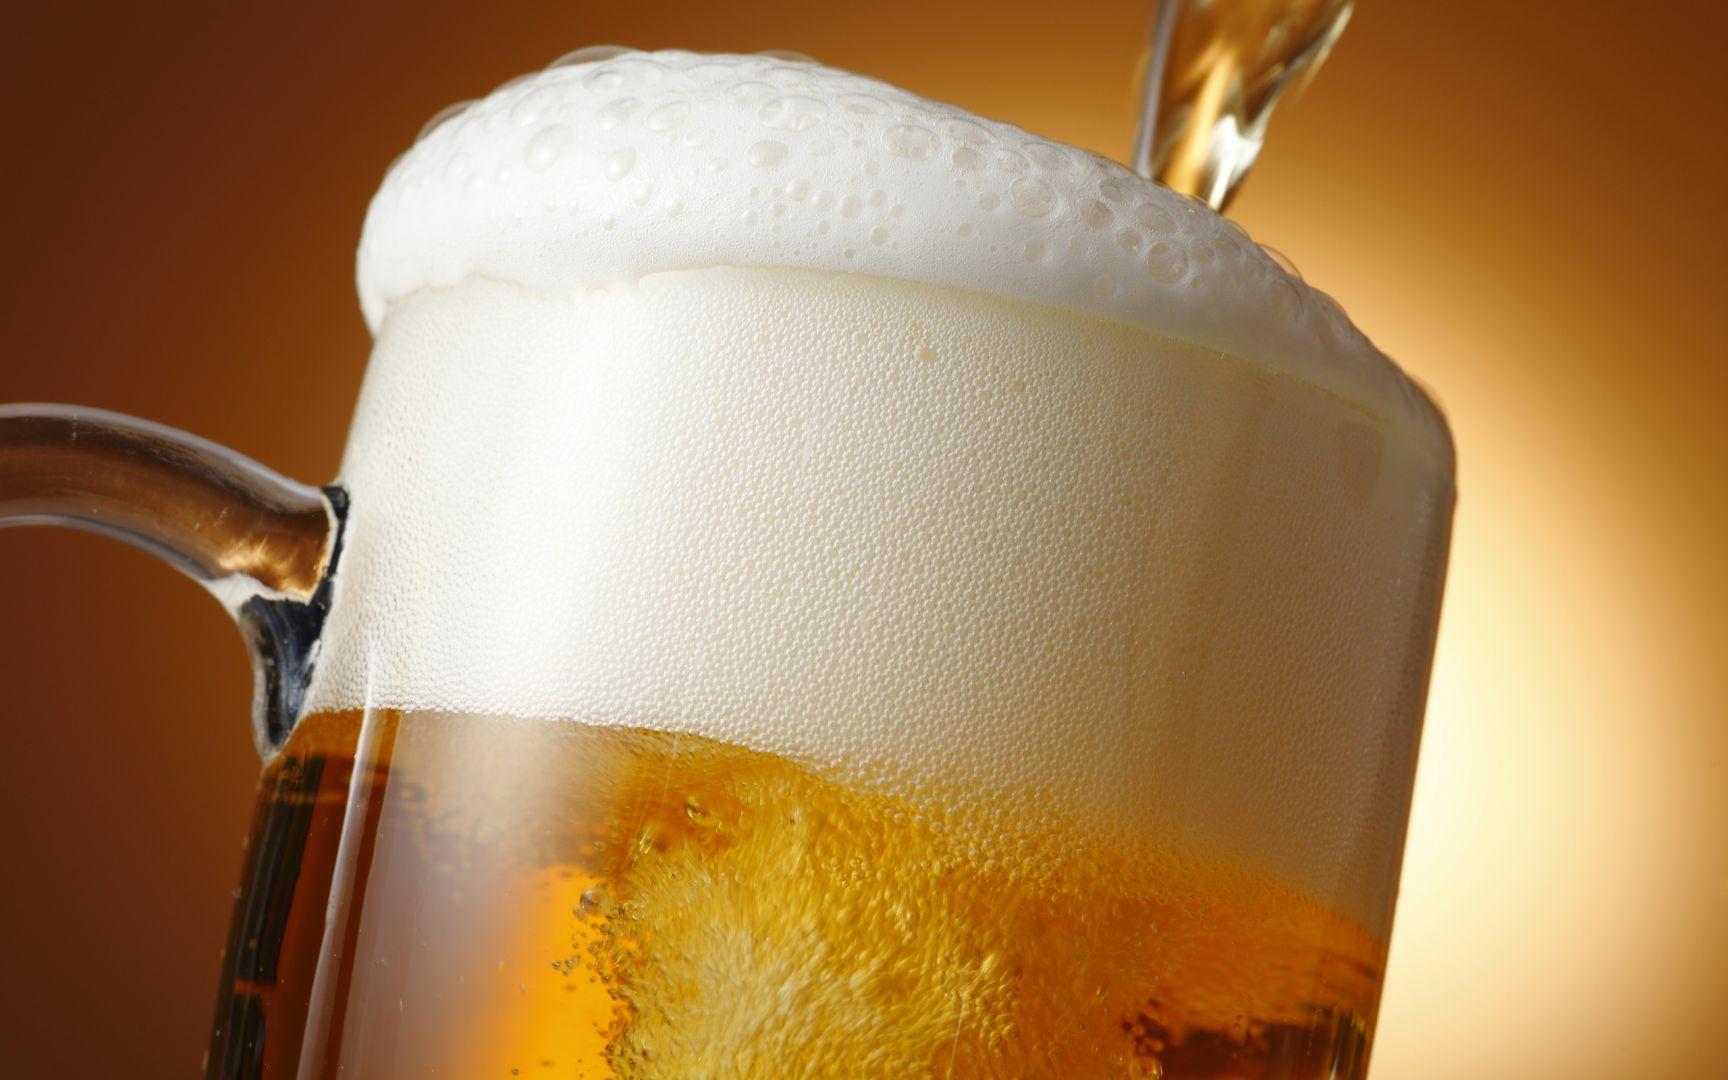 Названо лучшее ихудшее пиво в Российской Федерации